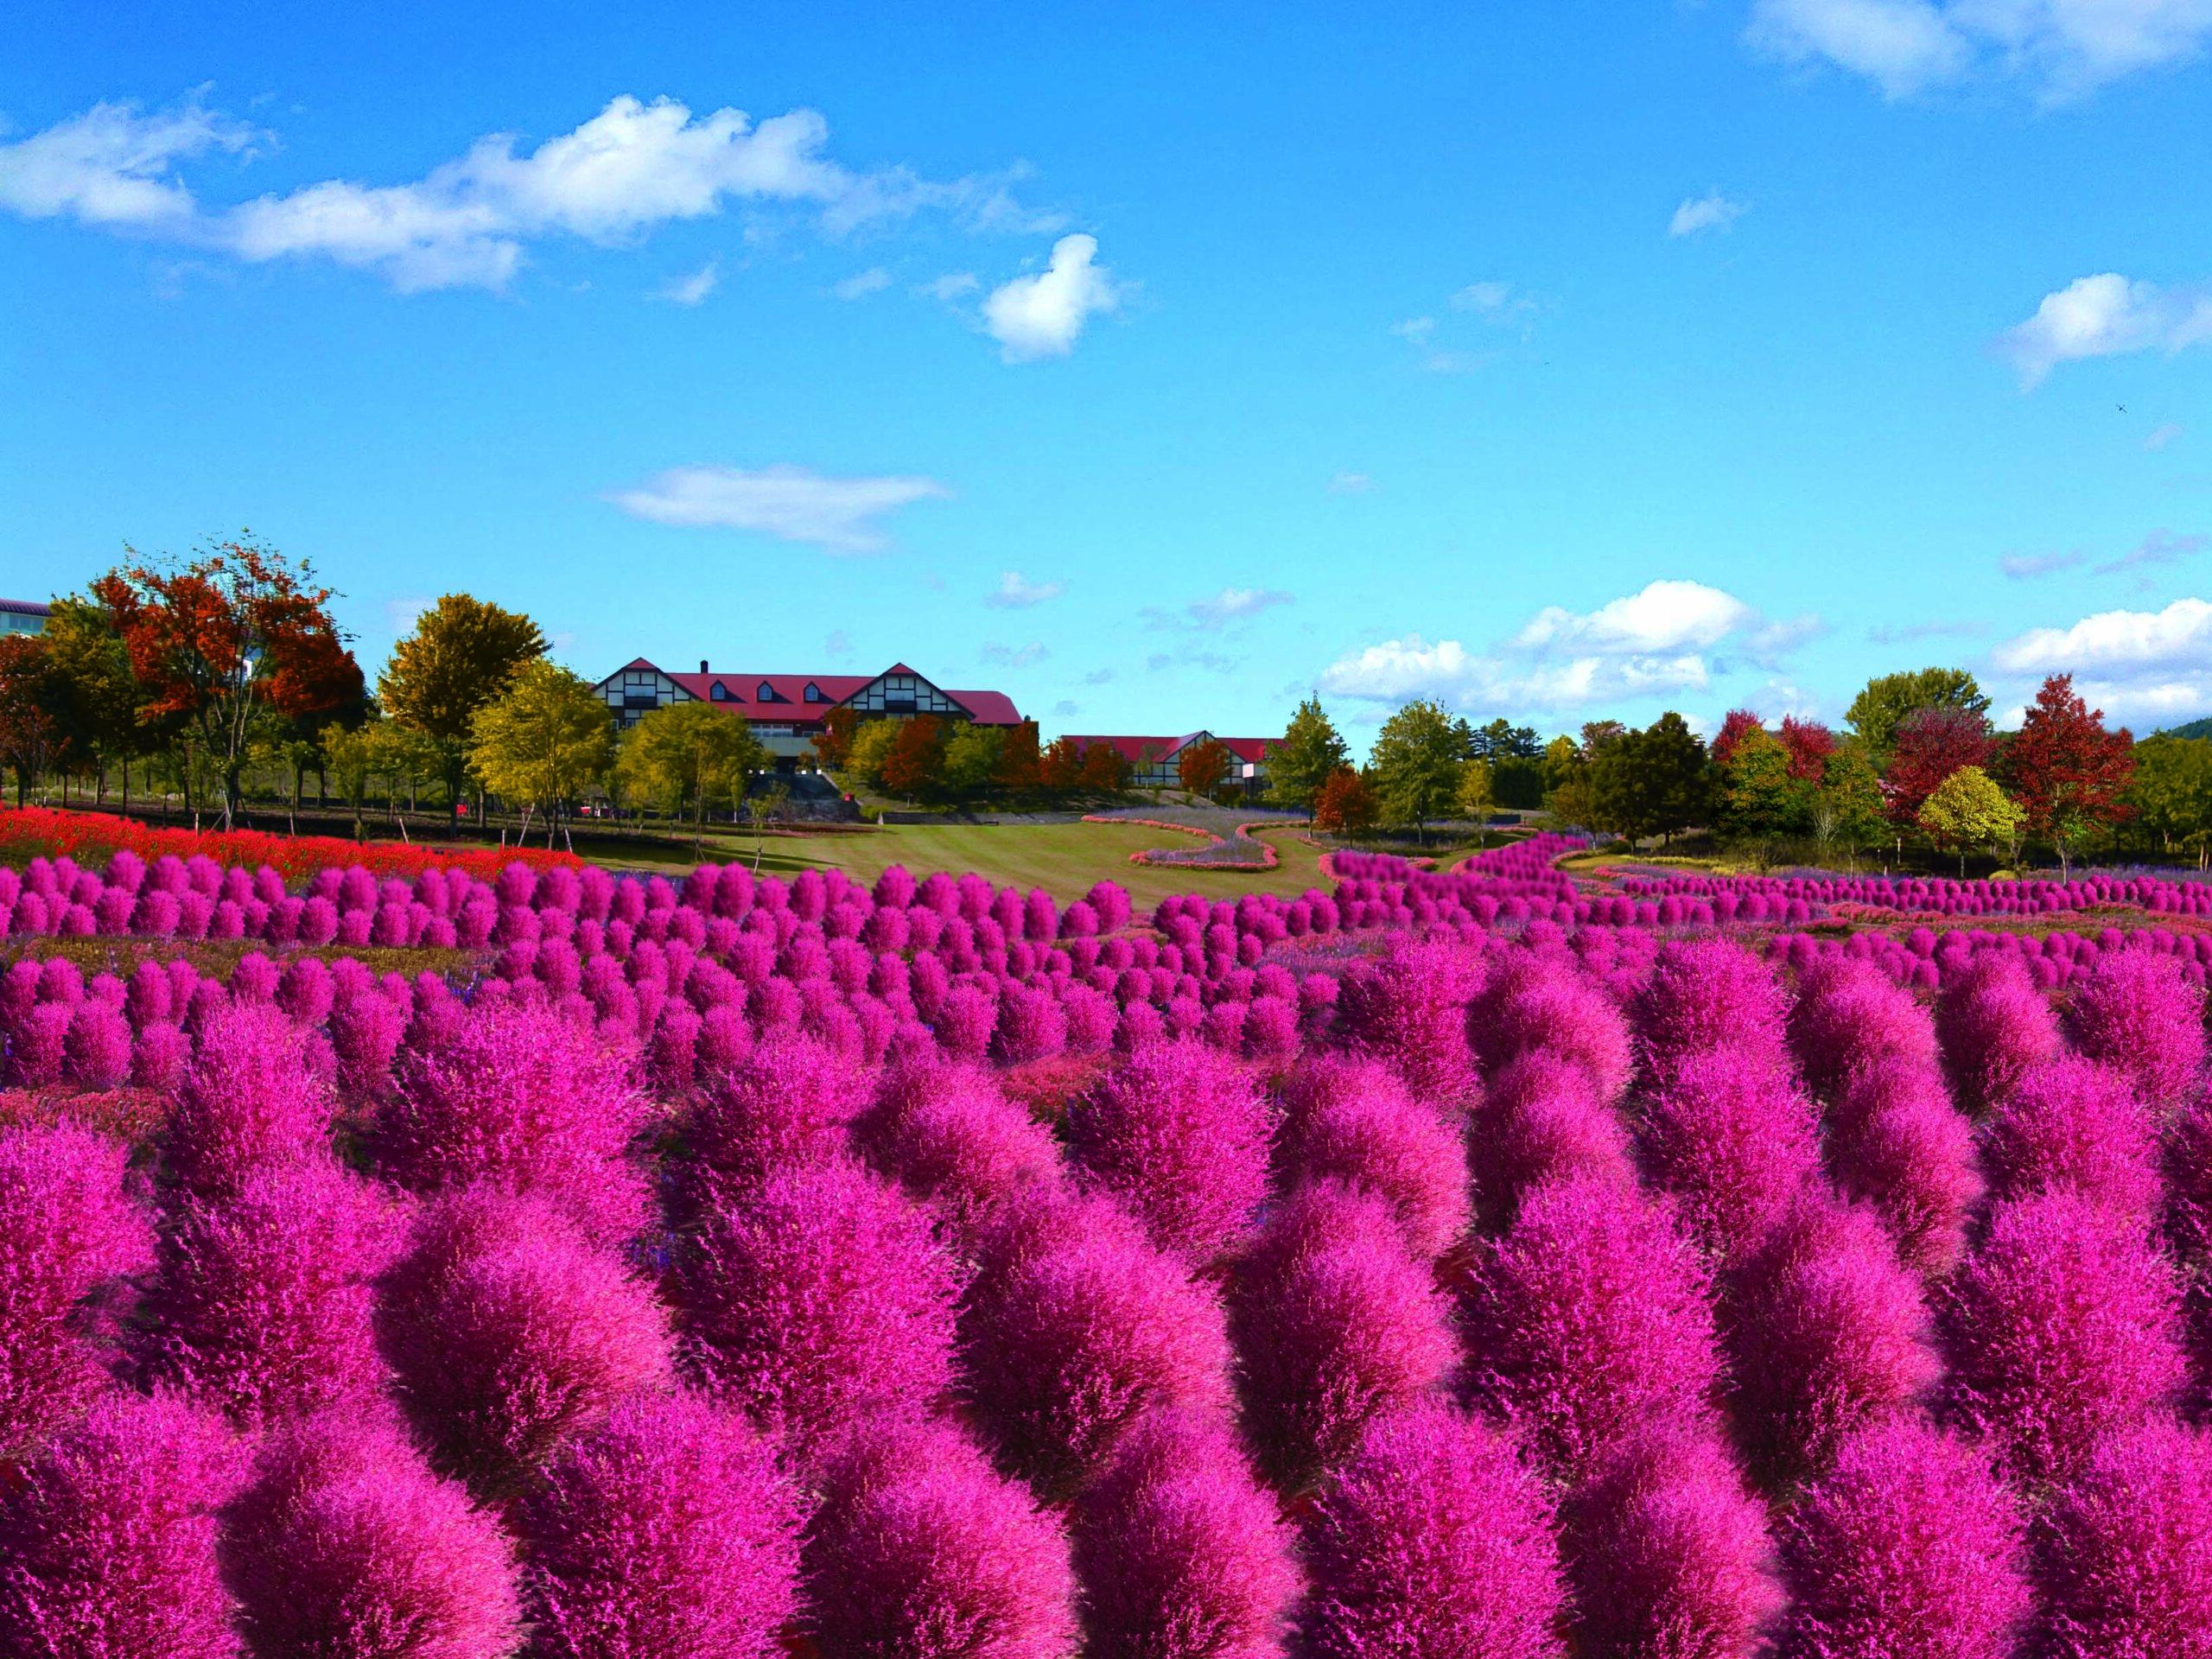 北海道最大級:遍布山丘的掃帚草(コキア)夢幻美景